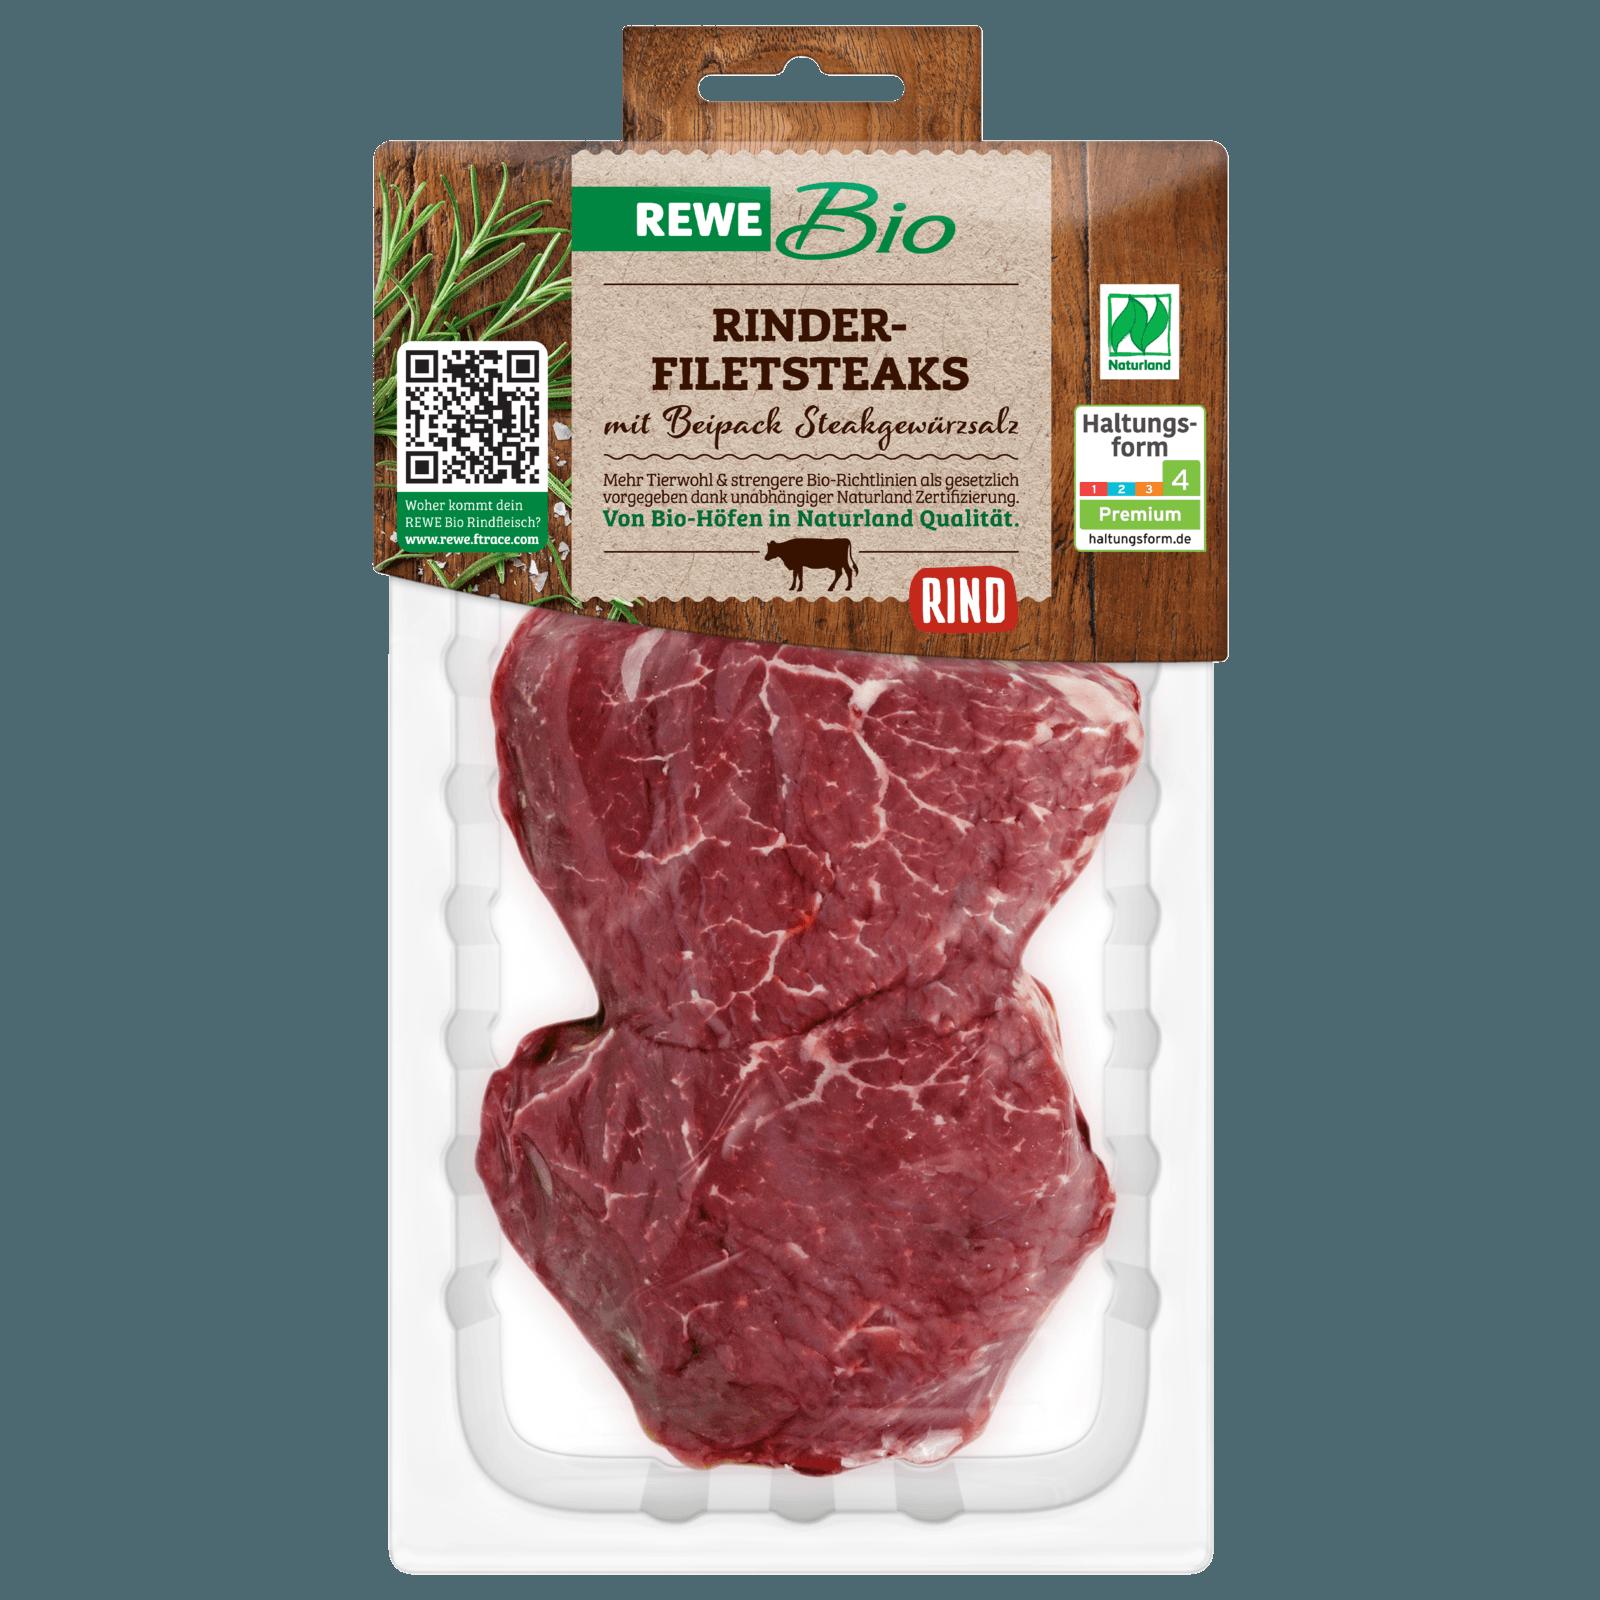 REWE Bio Rinderfilet 260g